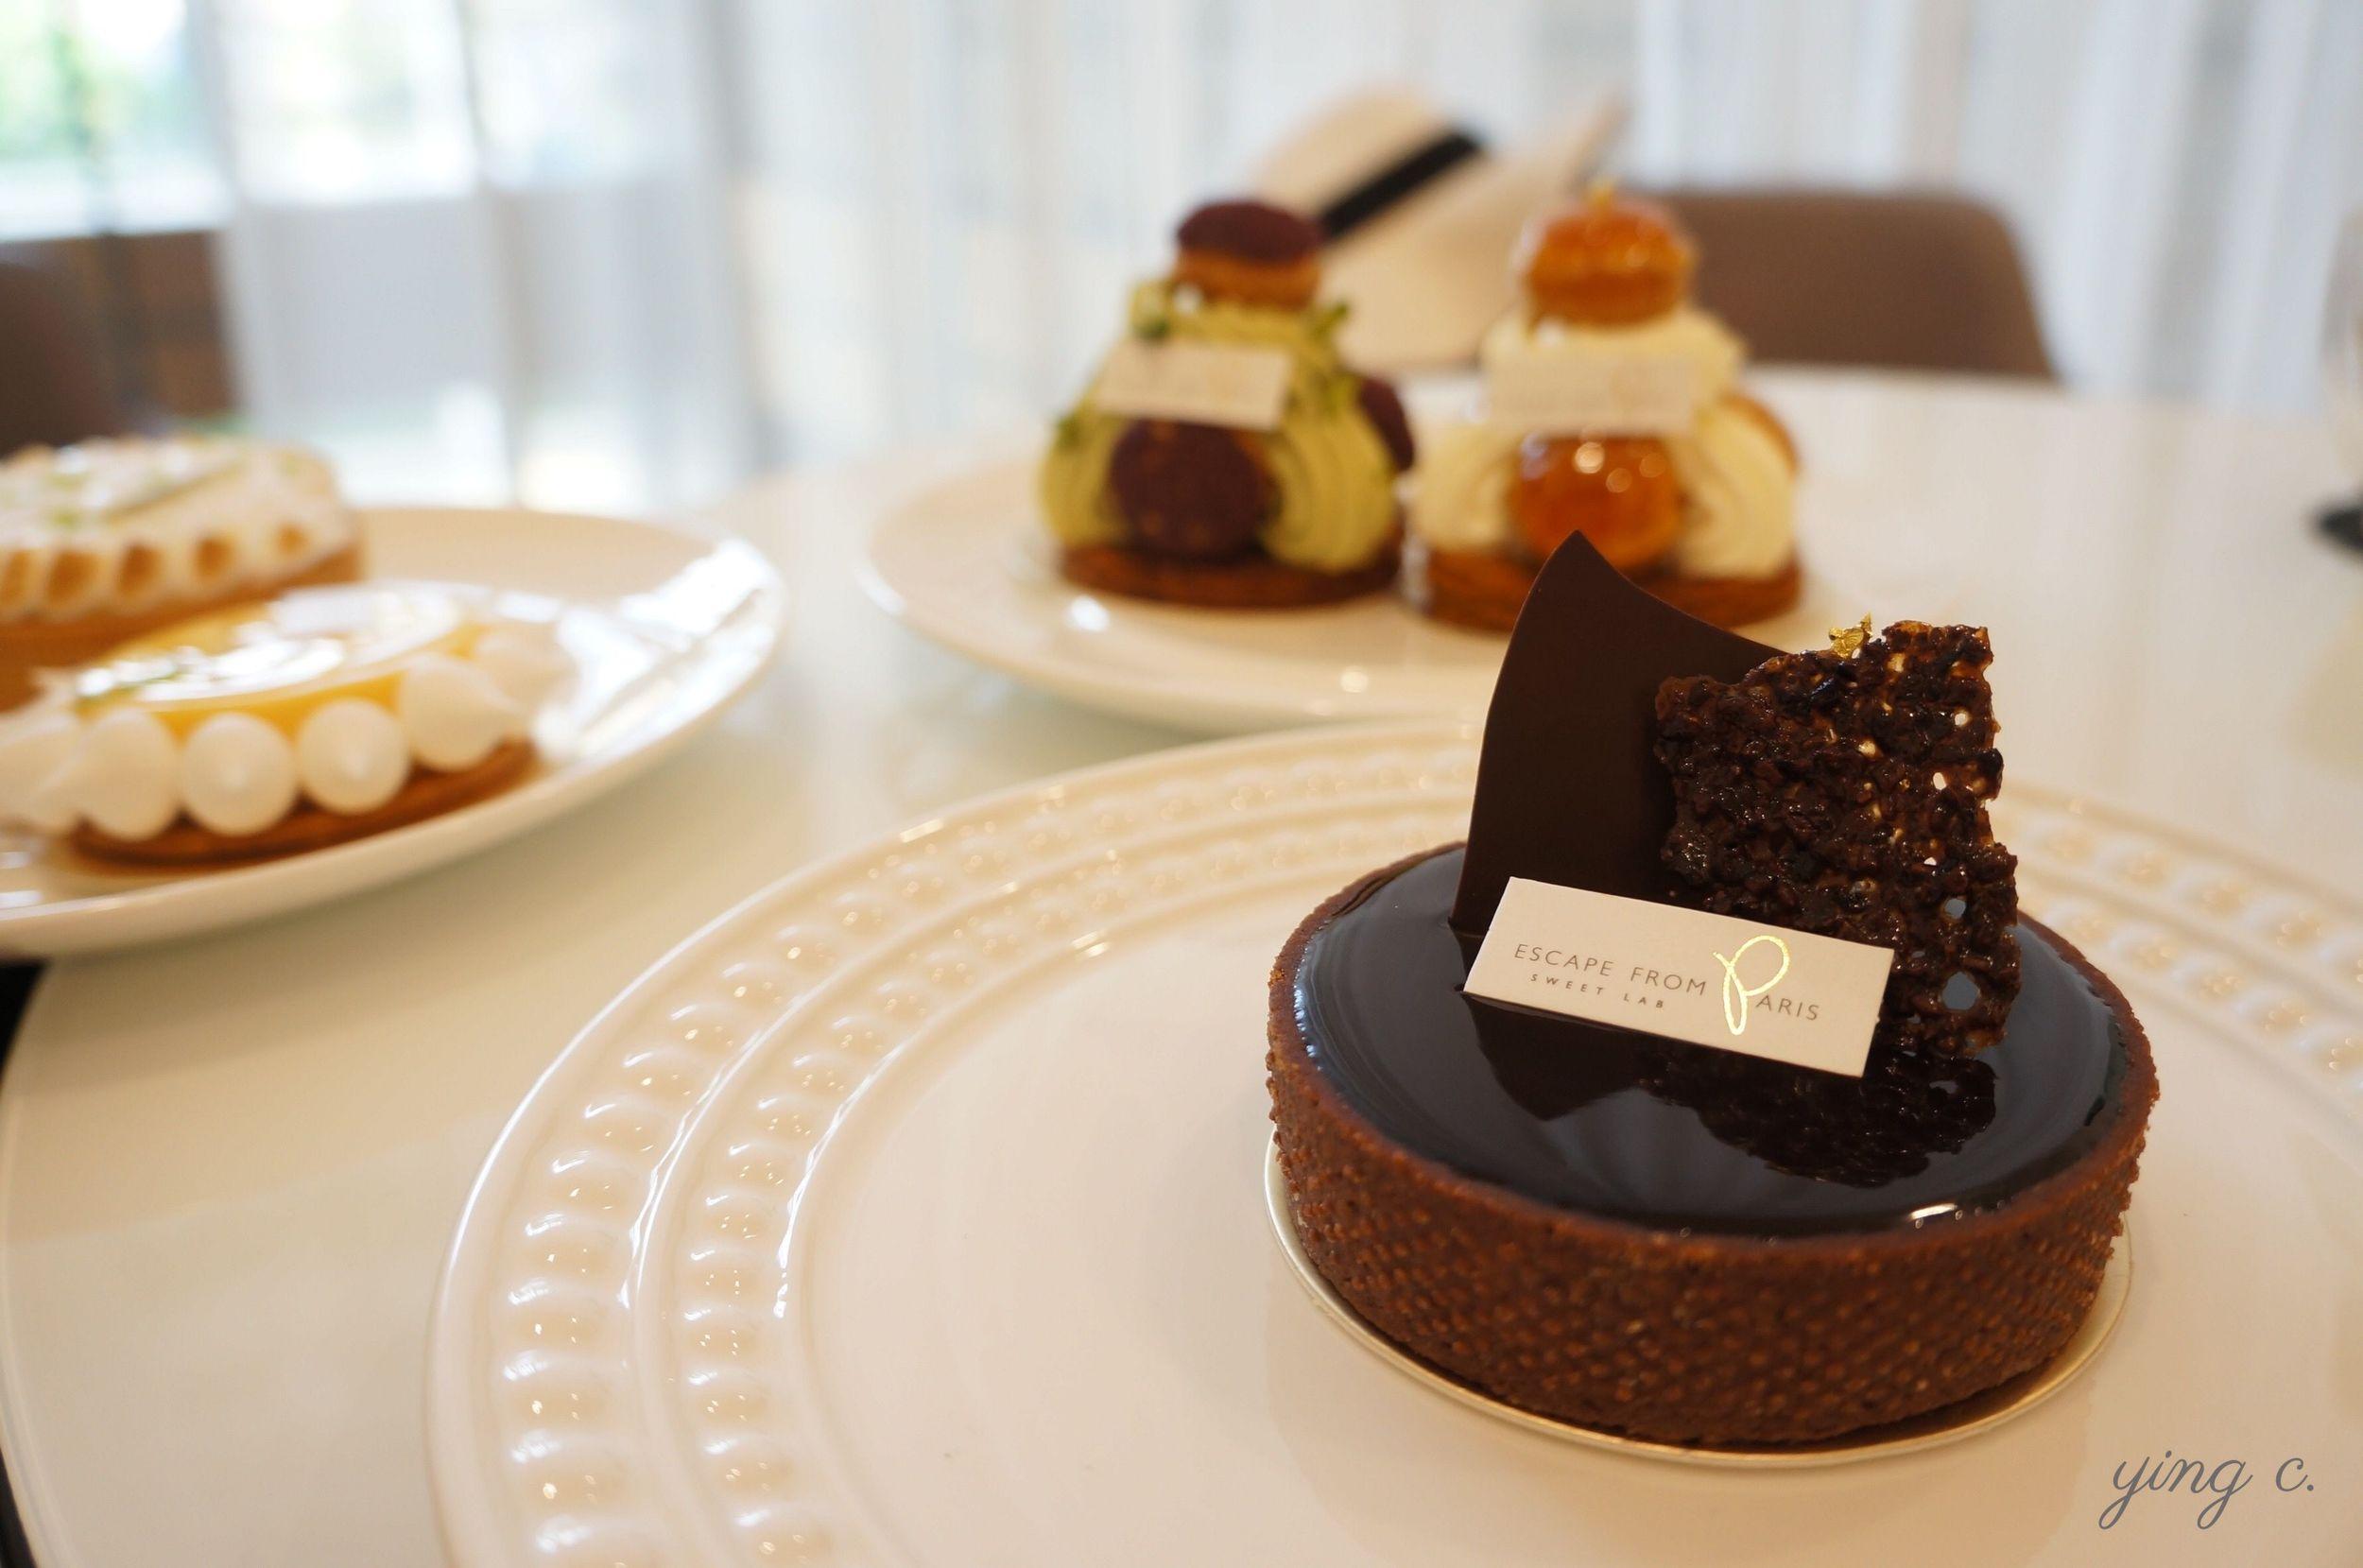 圖9. 台北市  Escape from Paris 芙芙法式甜點 的巧克力塔。他們用的就是本身有孔洞的塔模,所以外表有突出的顆粒。這裡的塔皮厚度、高度整圈完全一致、底部也非常平整,接近完美,放在巴黎的等級來比也是數一數二。由於是巧克力塔皮,質地較乾易裂,入模時的難度會比一般甜塔皮還要高出許多。(攝影:Ying Chen)